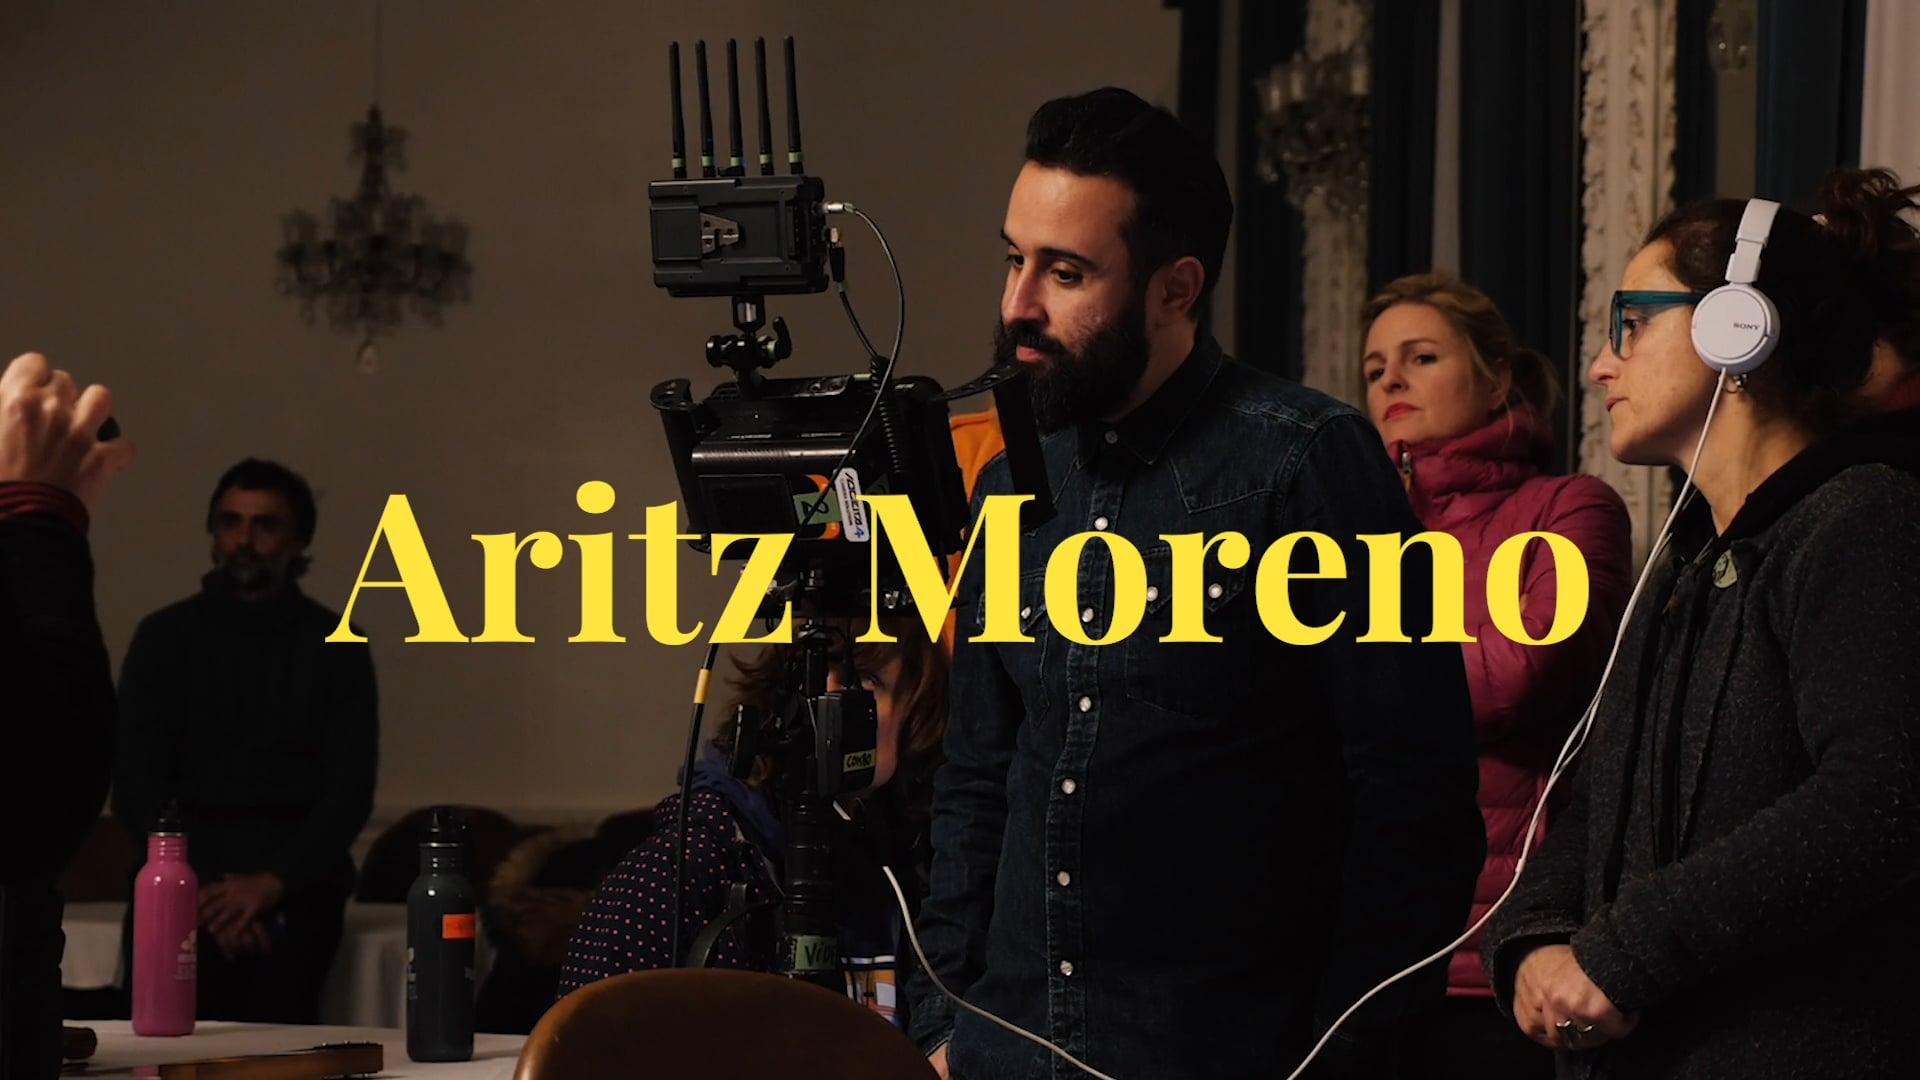 VDVET - Antonio Orejudo habla de Aritz Moreno